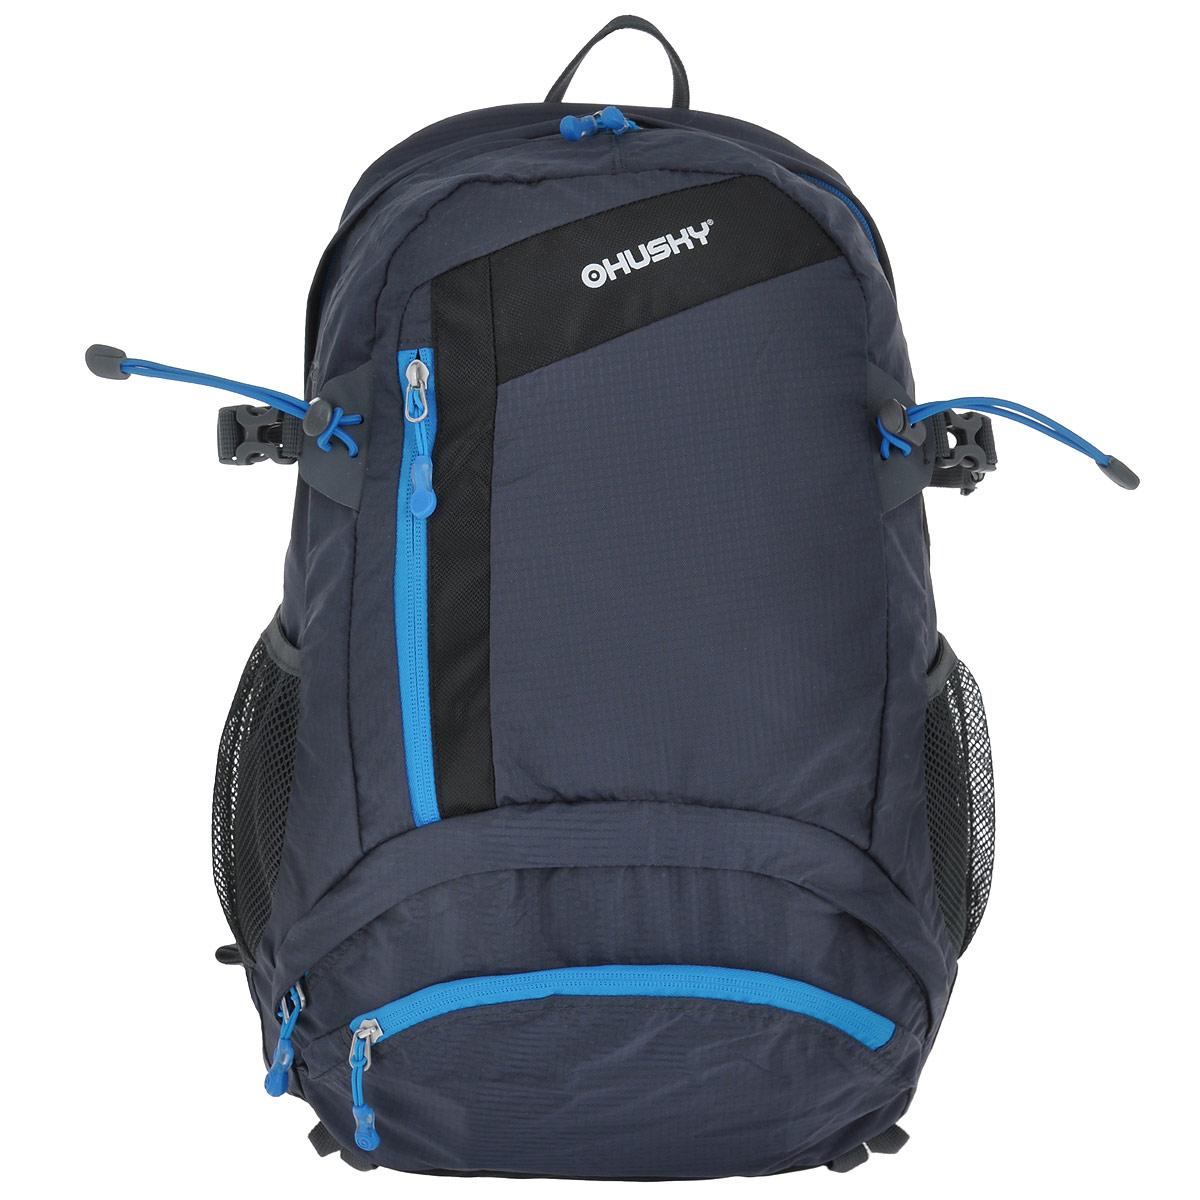 Рюкзак туристический Husky Stingy, цвет: серый, черный, синий, 28 лУТ-000053013Рюкзак Husky Stingy - незаменимый атрибут туриста! Он выполнен из нейлона и оснащен светоотражательными элементами. Благодаря своей конструкции, такой рюкзак особенно понравится велосипедистам.С этим вместительным рюкзаком можно отправиться в любое путешествие. Его удобно носить за плечами благодаря широким лямкам, грудному ремню, ремню на поясе и жесткой выгнутой спинке с системой вентиляции спины. Основное отделение имеет объем 28 л. Доступ к нему открывается сверху (закрывается на застежку-молнию) и снизу (замок на застежке-молнии). Внутри главного отделения находится карман на резинке для гидратора.На лицевой стороне расположено 2 накладных кармана на молнии. По бокам рюкзака расположены 2 сетчатых кармана на резинке. На дне рюкзака находится карман с накидкой от дождя.Рюкзак Husky Stingy - отличный выбор как для велотуризма, так и для пеших путешествий. Вес: 980 г.Что взять с собой в поход?. Статья OZON Гид